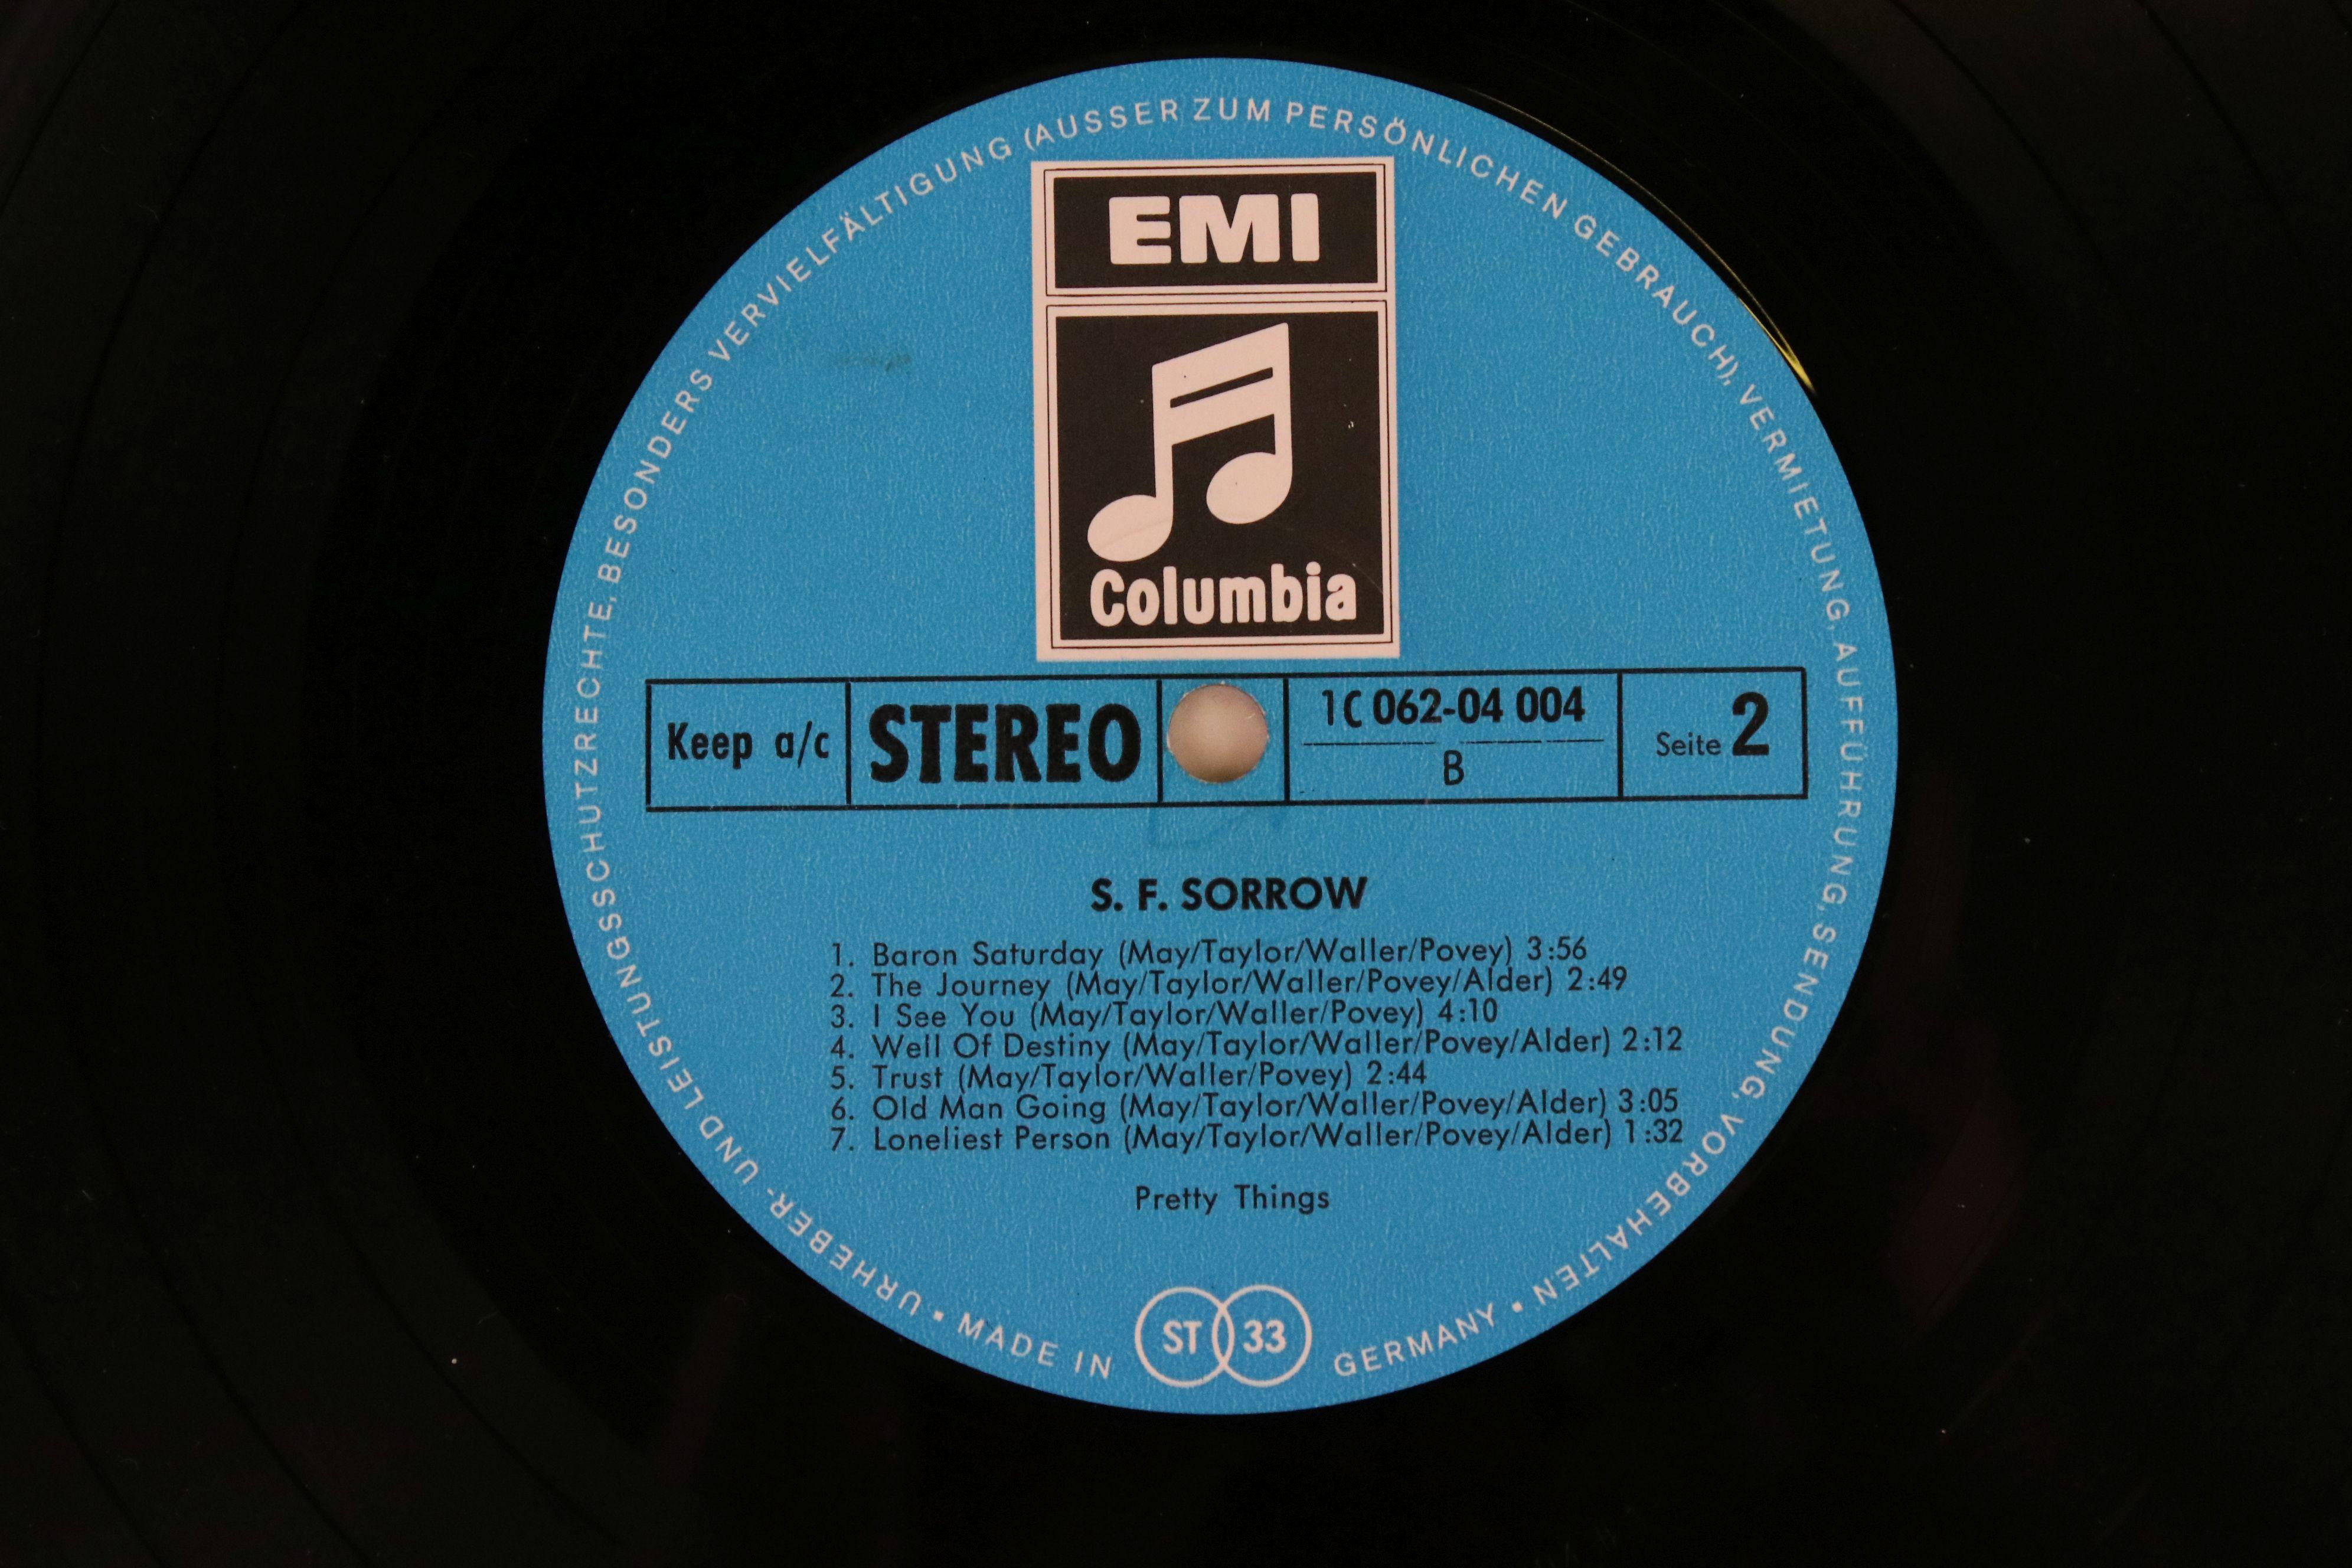 Vinyl - Pretty Things SF Sorrow LP on Columbia IC06204004 German pressing, gatefold sleeve, sleeve - Image 3 of 5